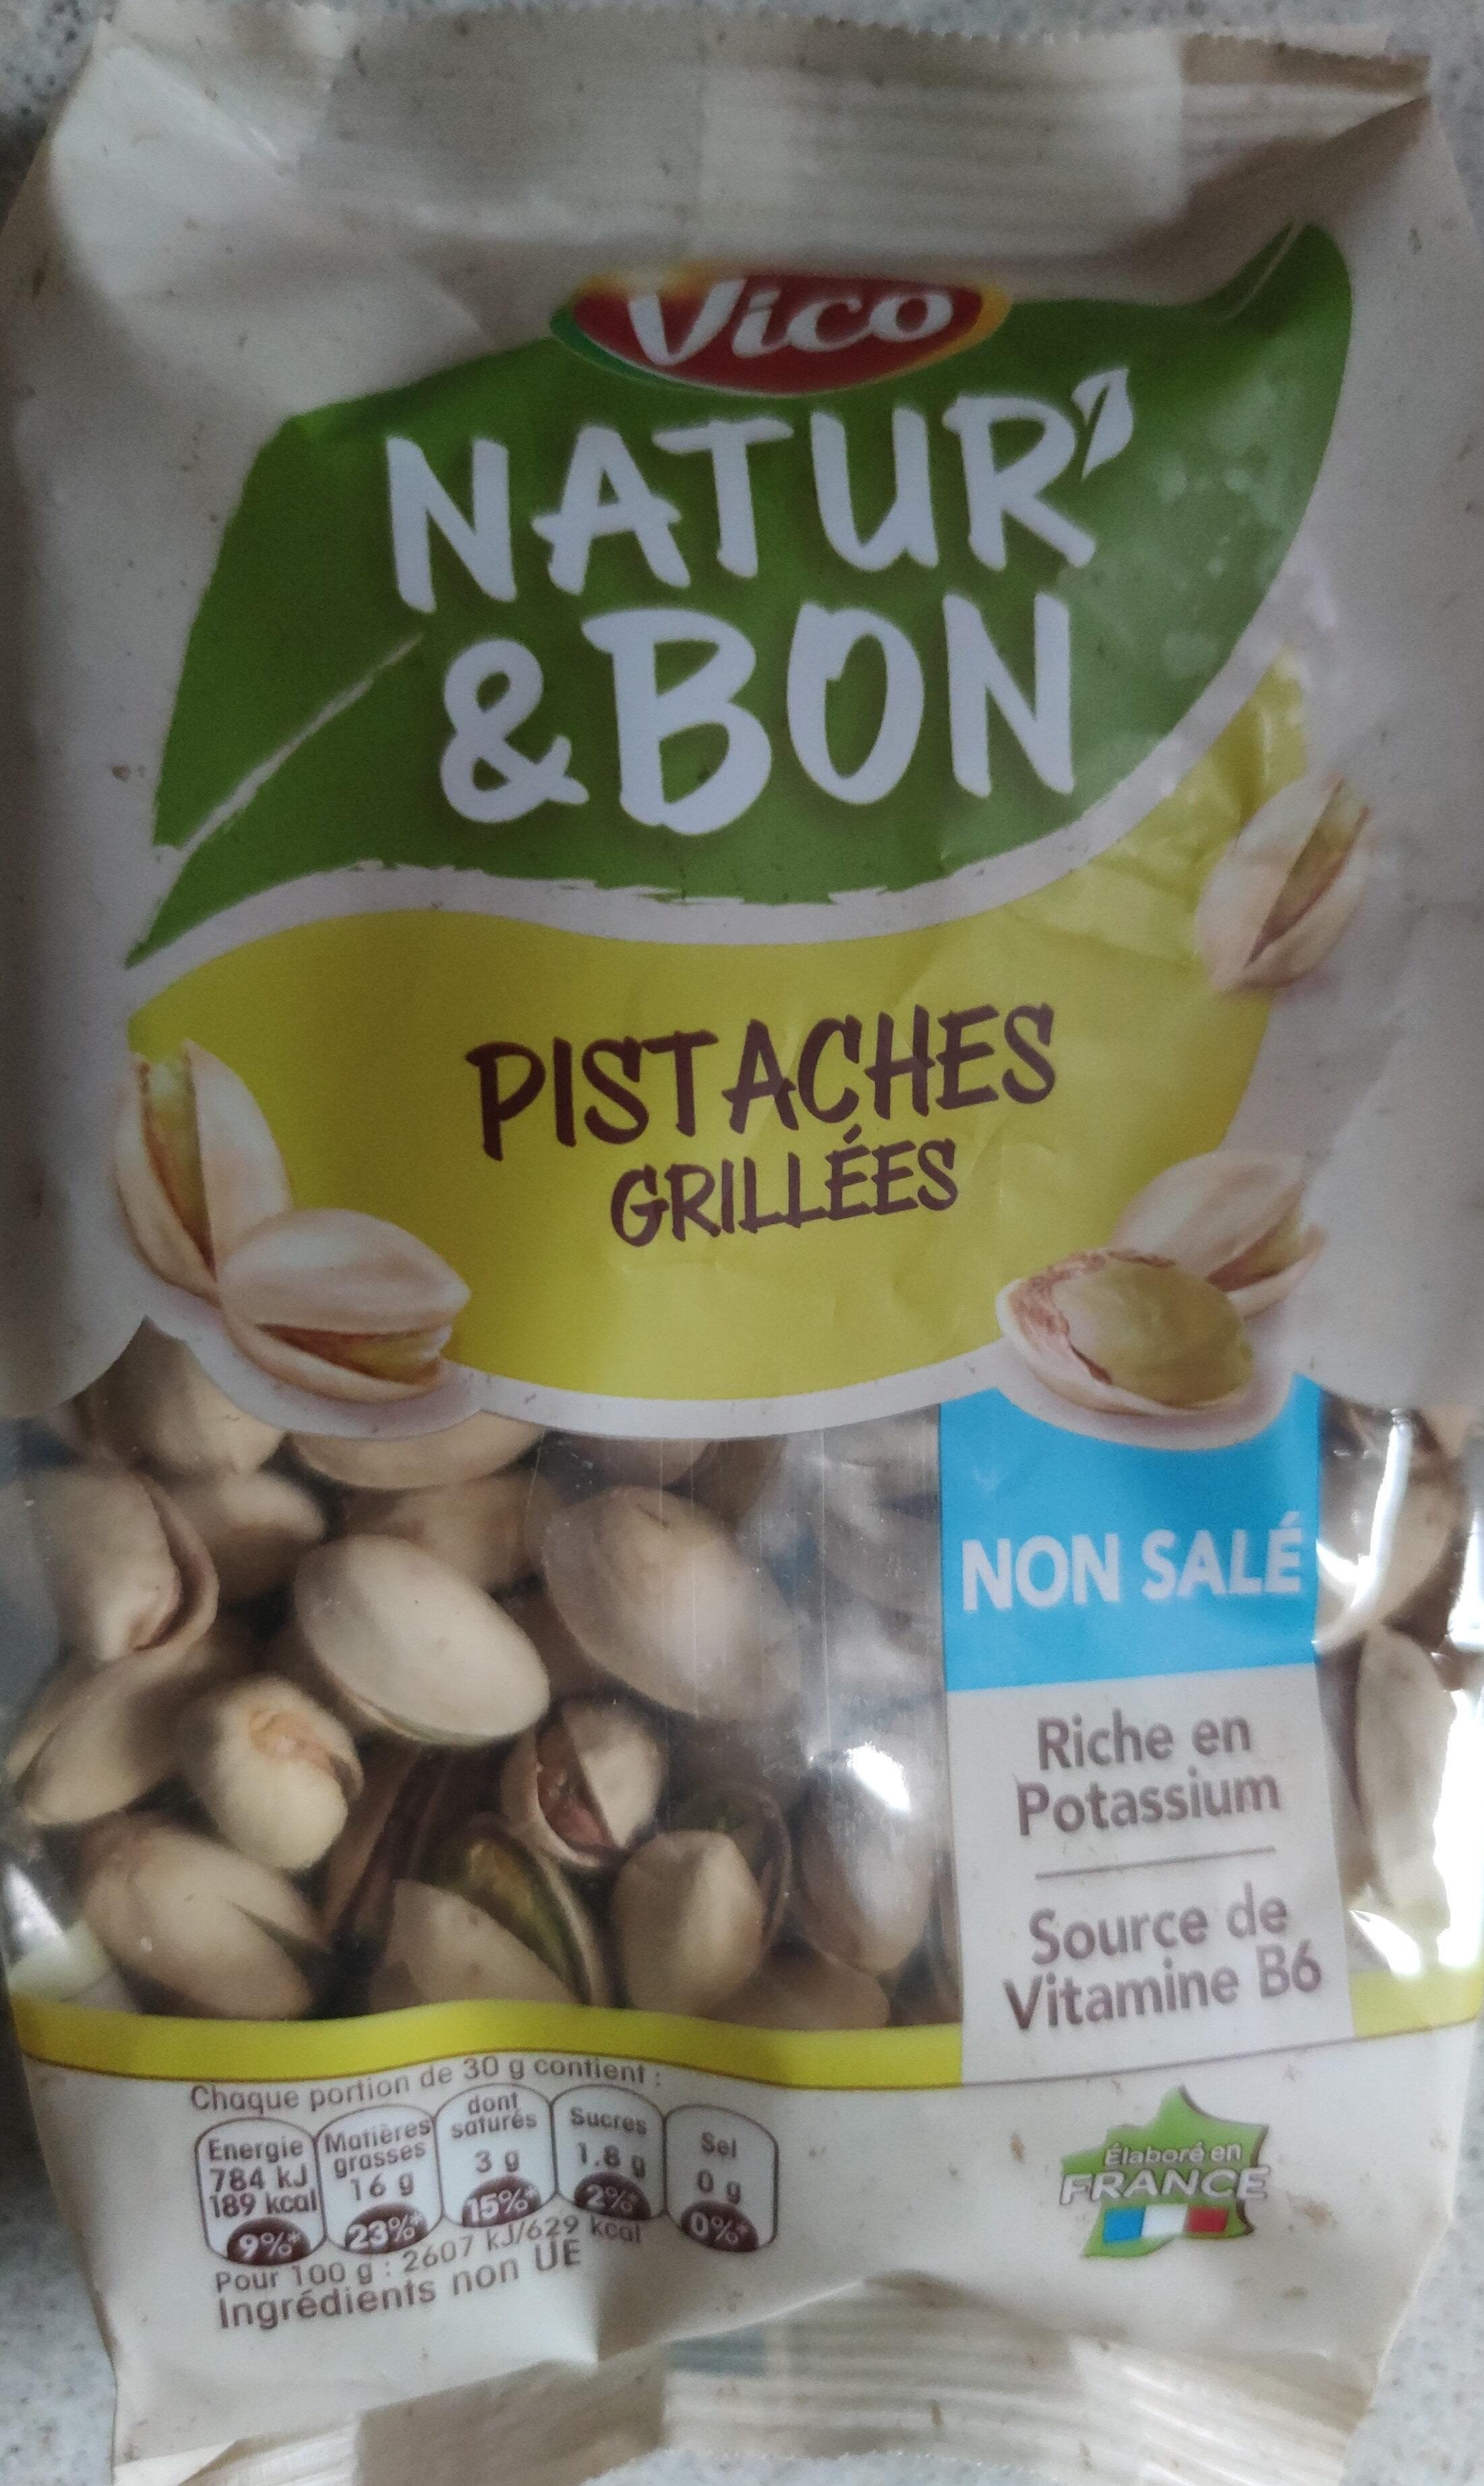 Pistaches grillées - Product - fr